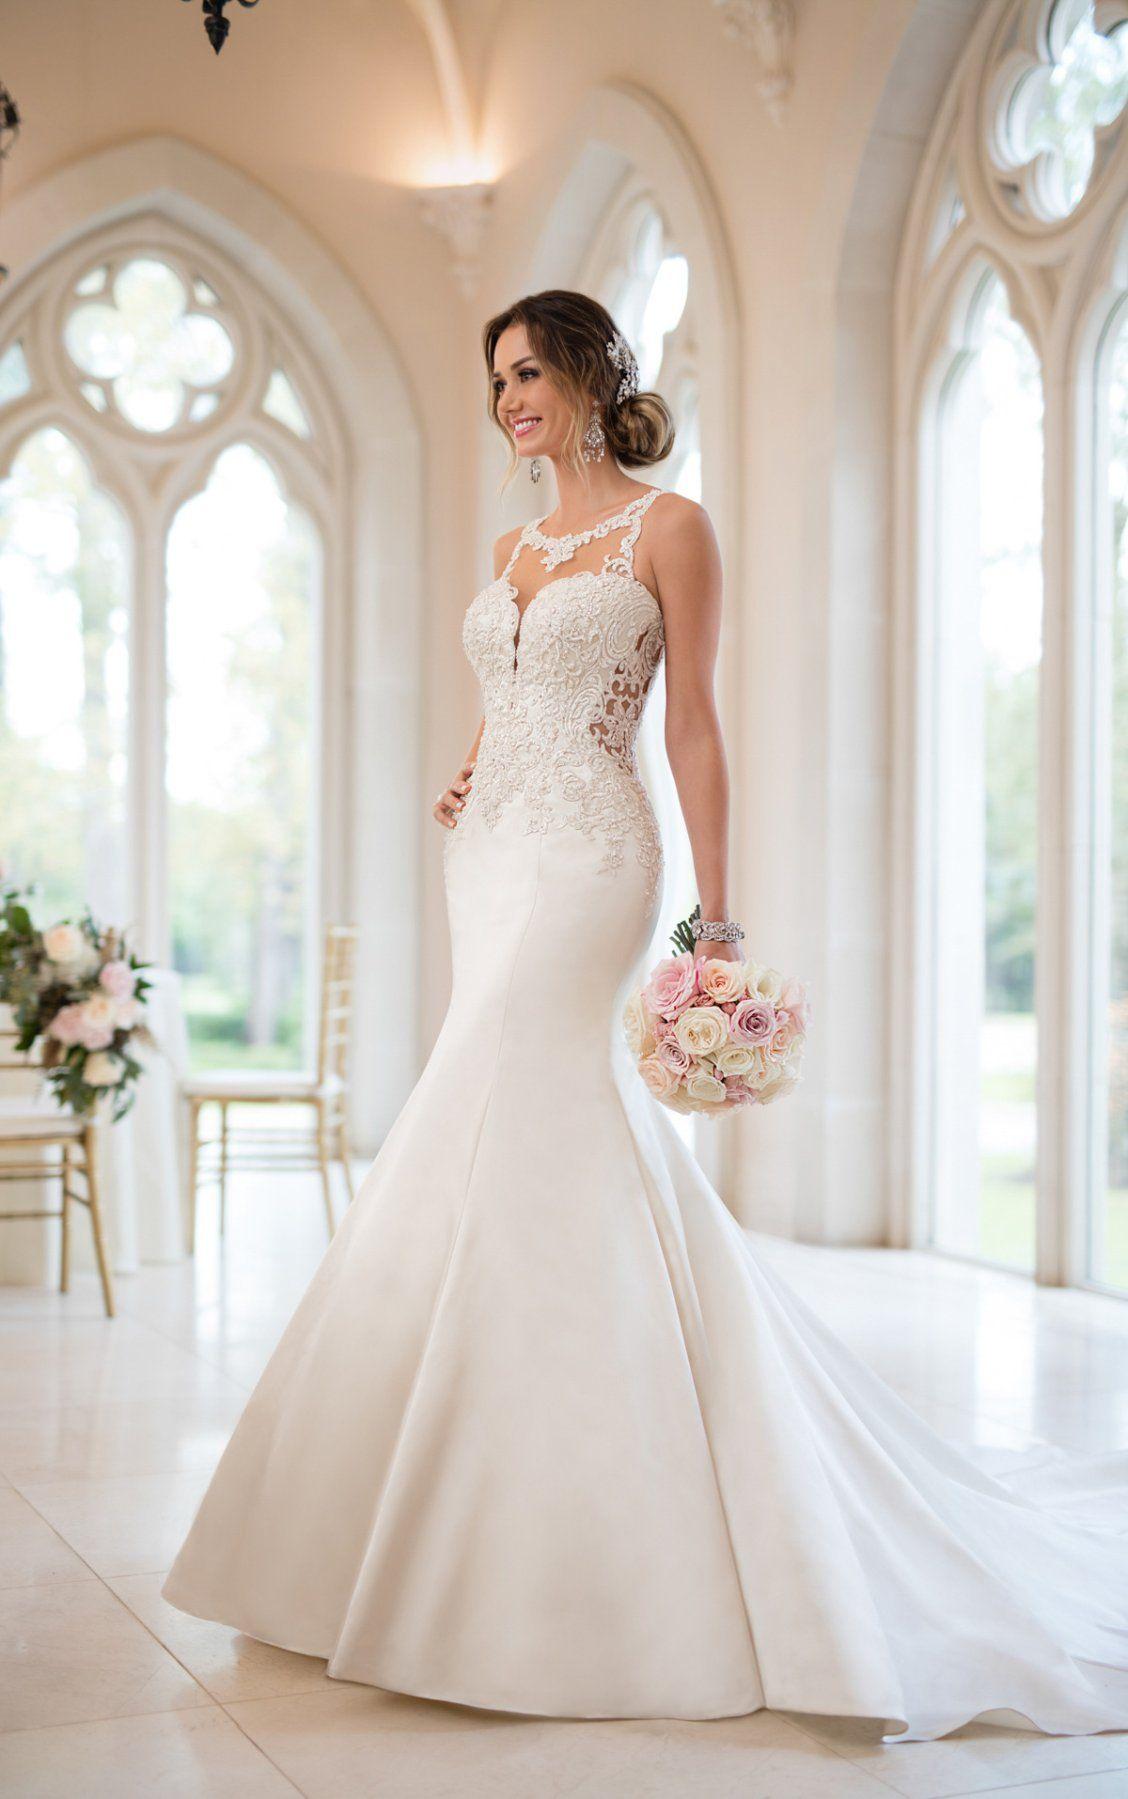 Mermaid Wedding Dresses Beaded Mermaid Wedding Gown Stella York Wedding Gowns Mermaid Wedding Dresses Beaded Wedding Dresses